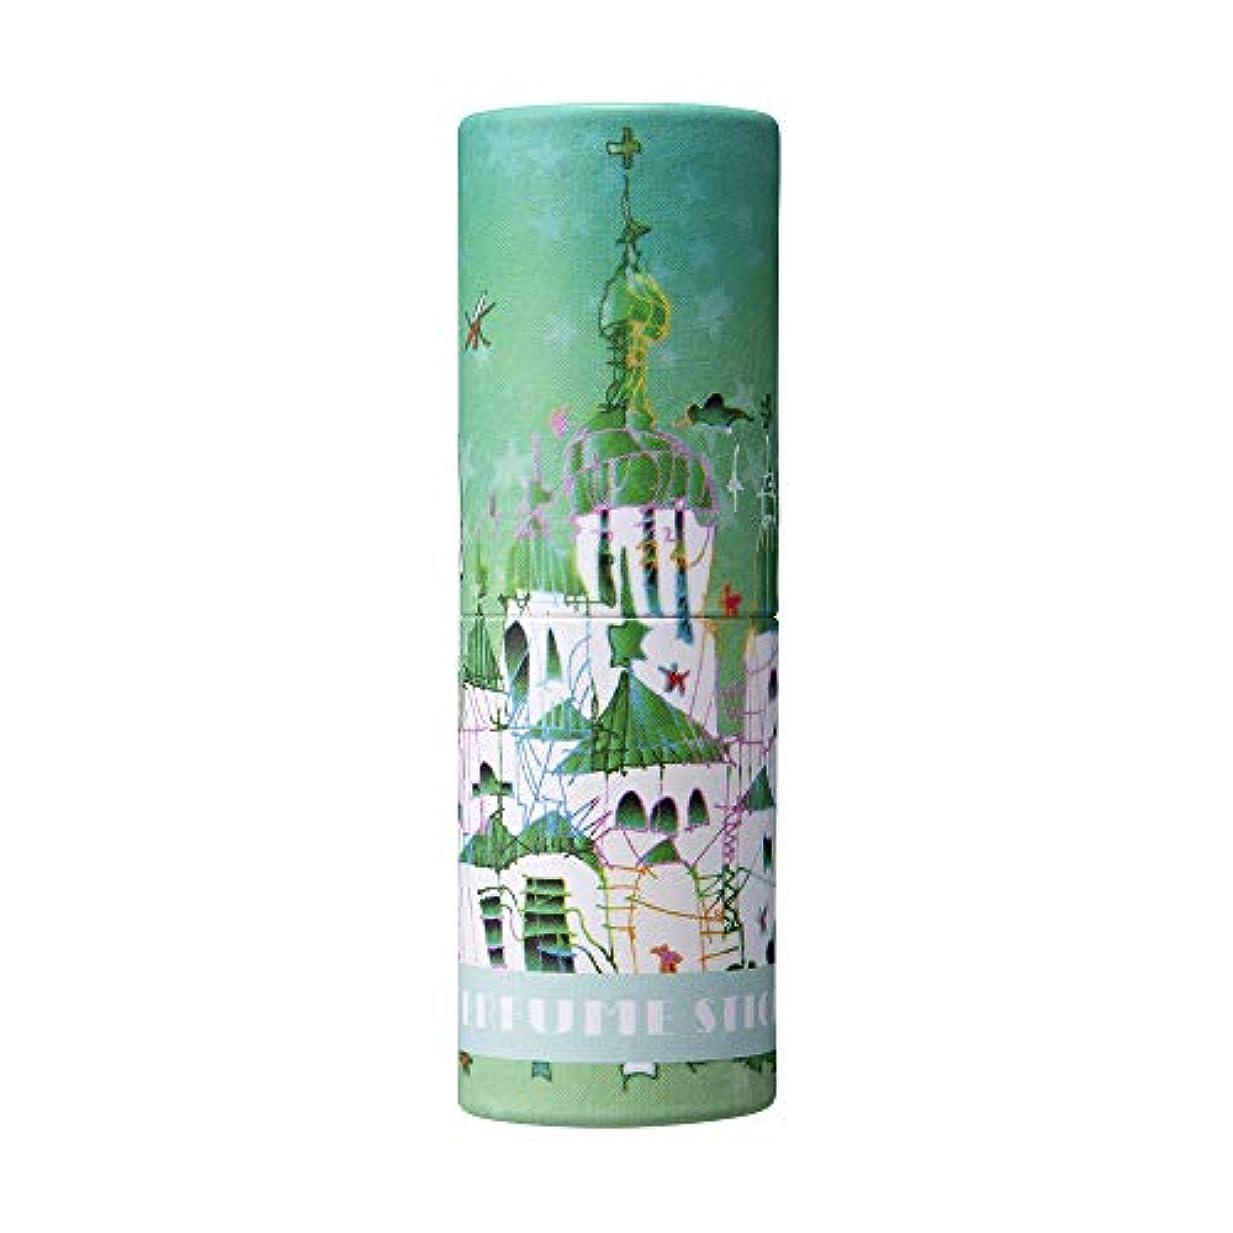 最終伝導現れるパフュームスティック サンクス グリーンアップル&ムスクの香り 世界遺産デザイン 5g